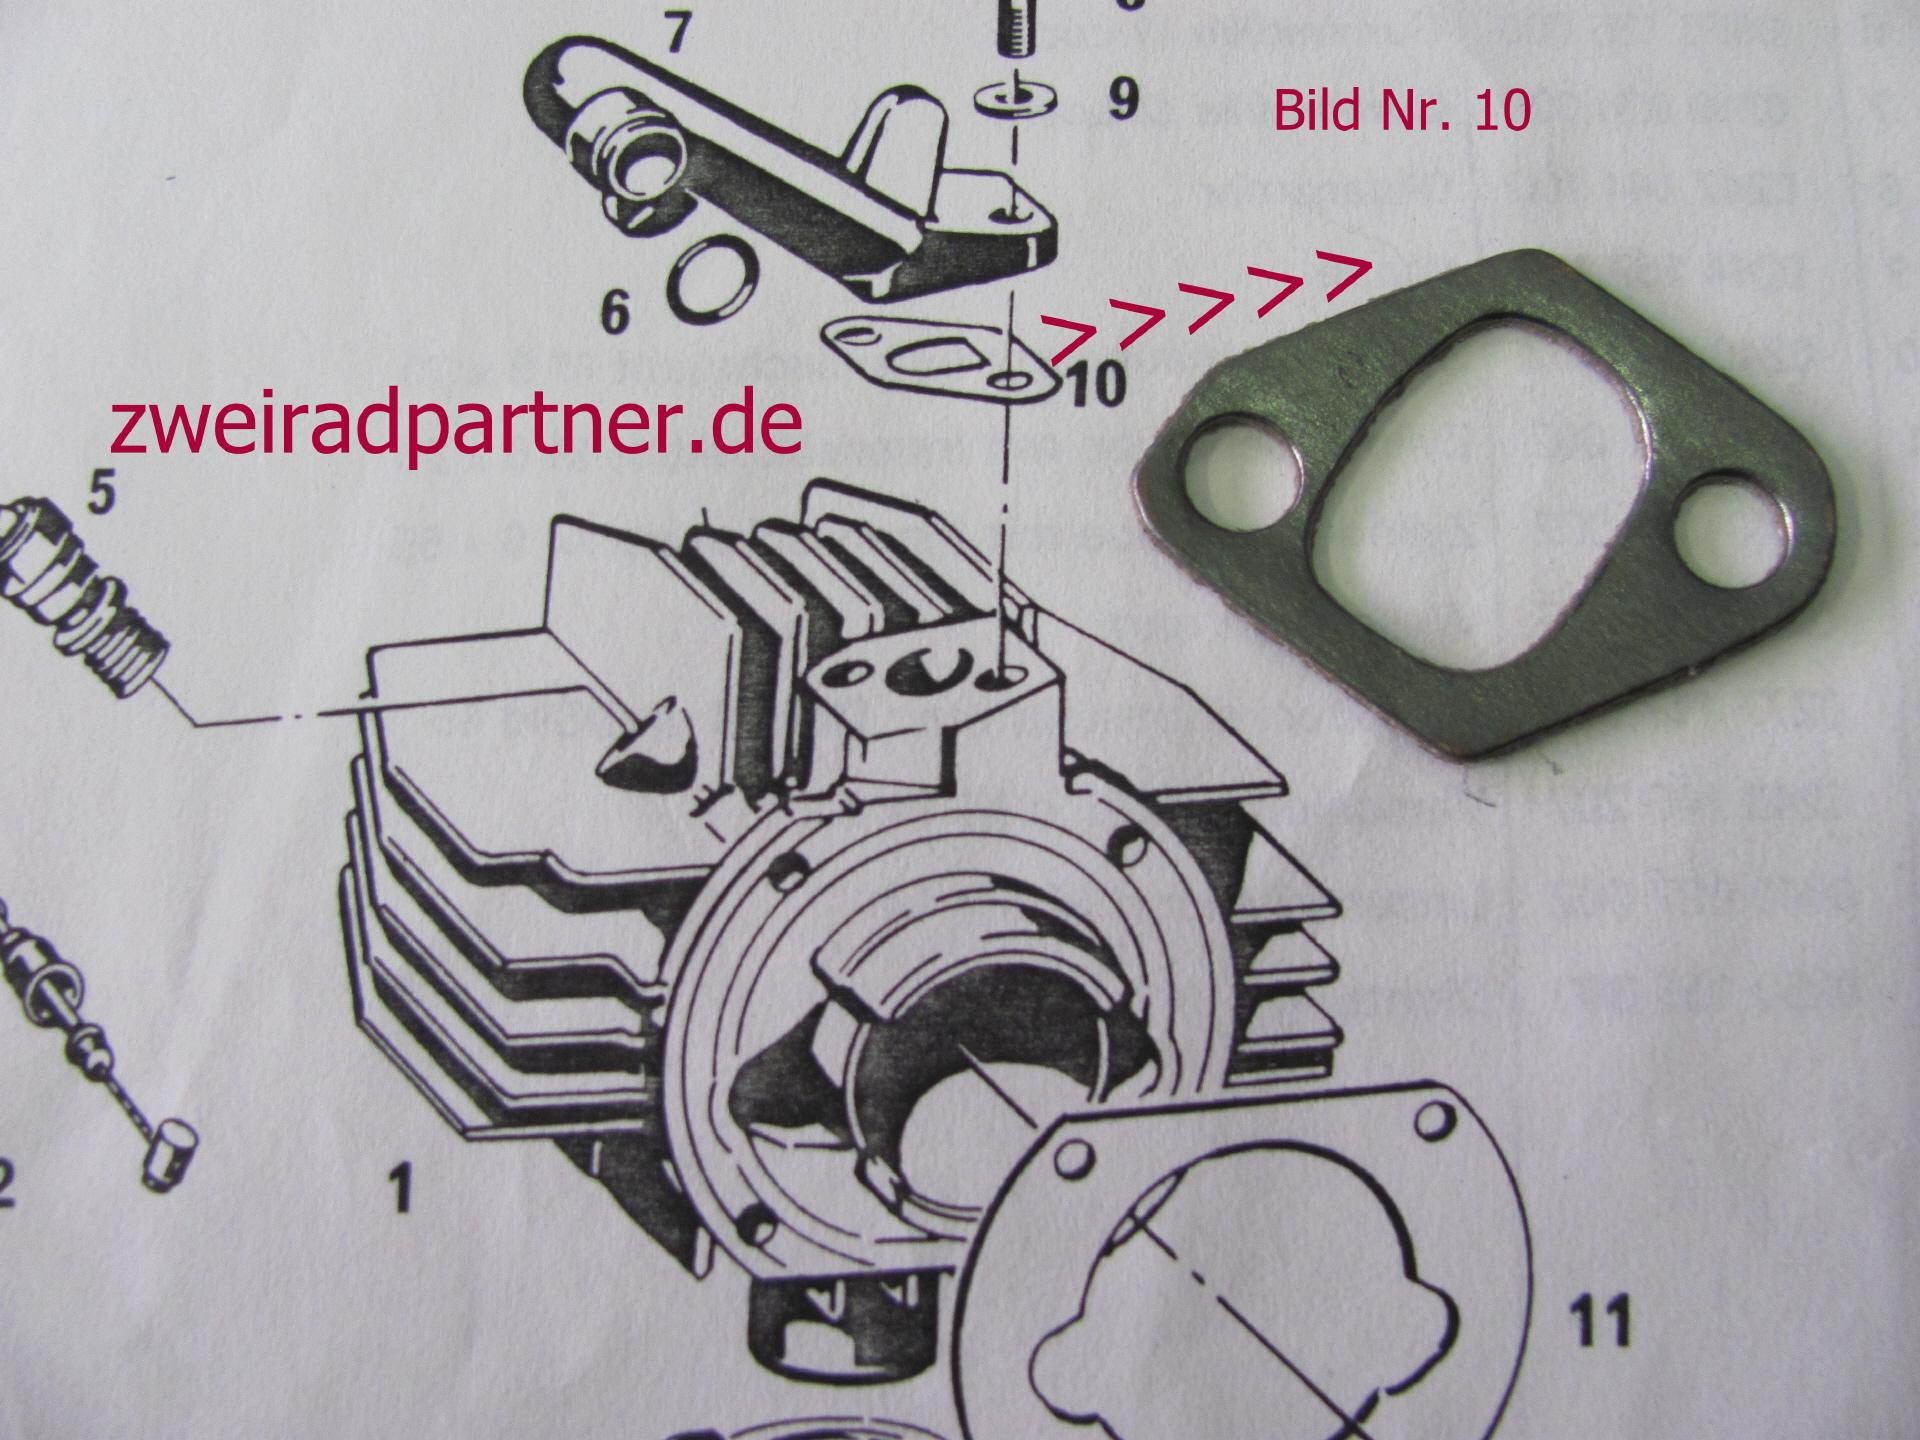 Kupplungsdeckeldichtung Hercules R50S MP 2 3 4 Lastboy HR1 MF3 Prima G3 Sachs 50//2 50//3 50//4 Motor Kupplung Dichtung